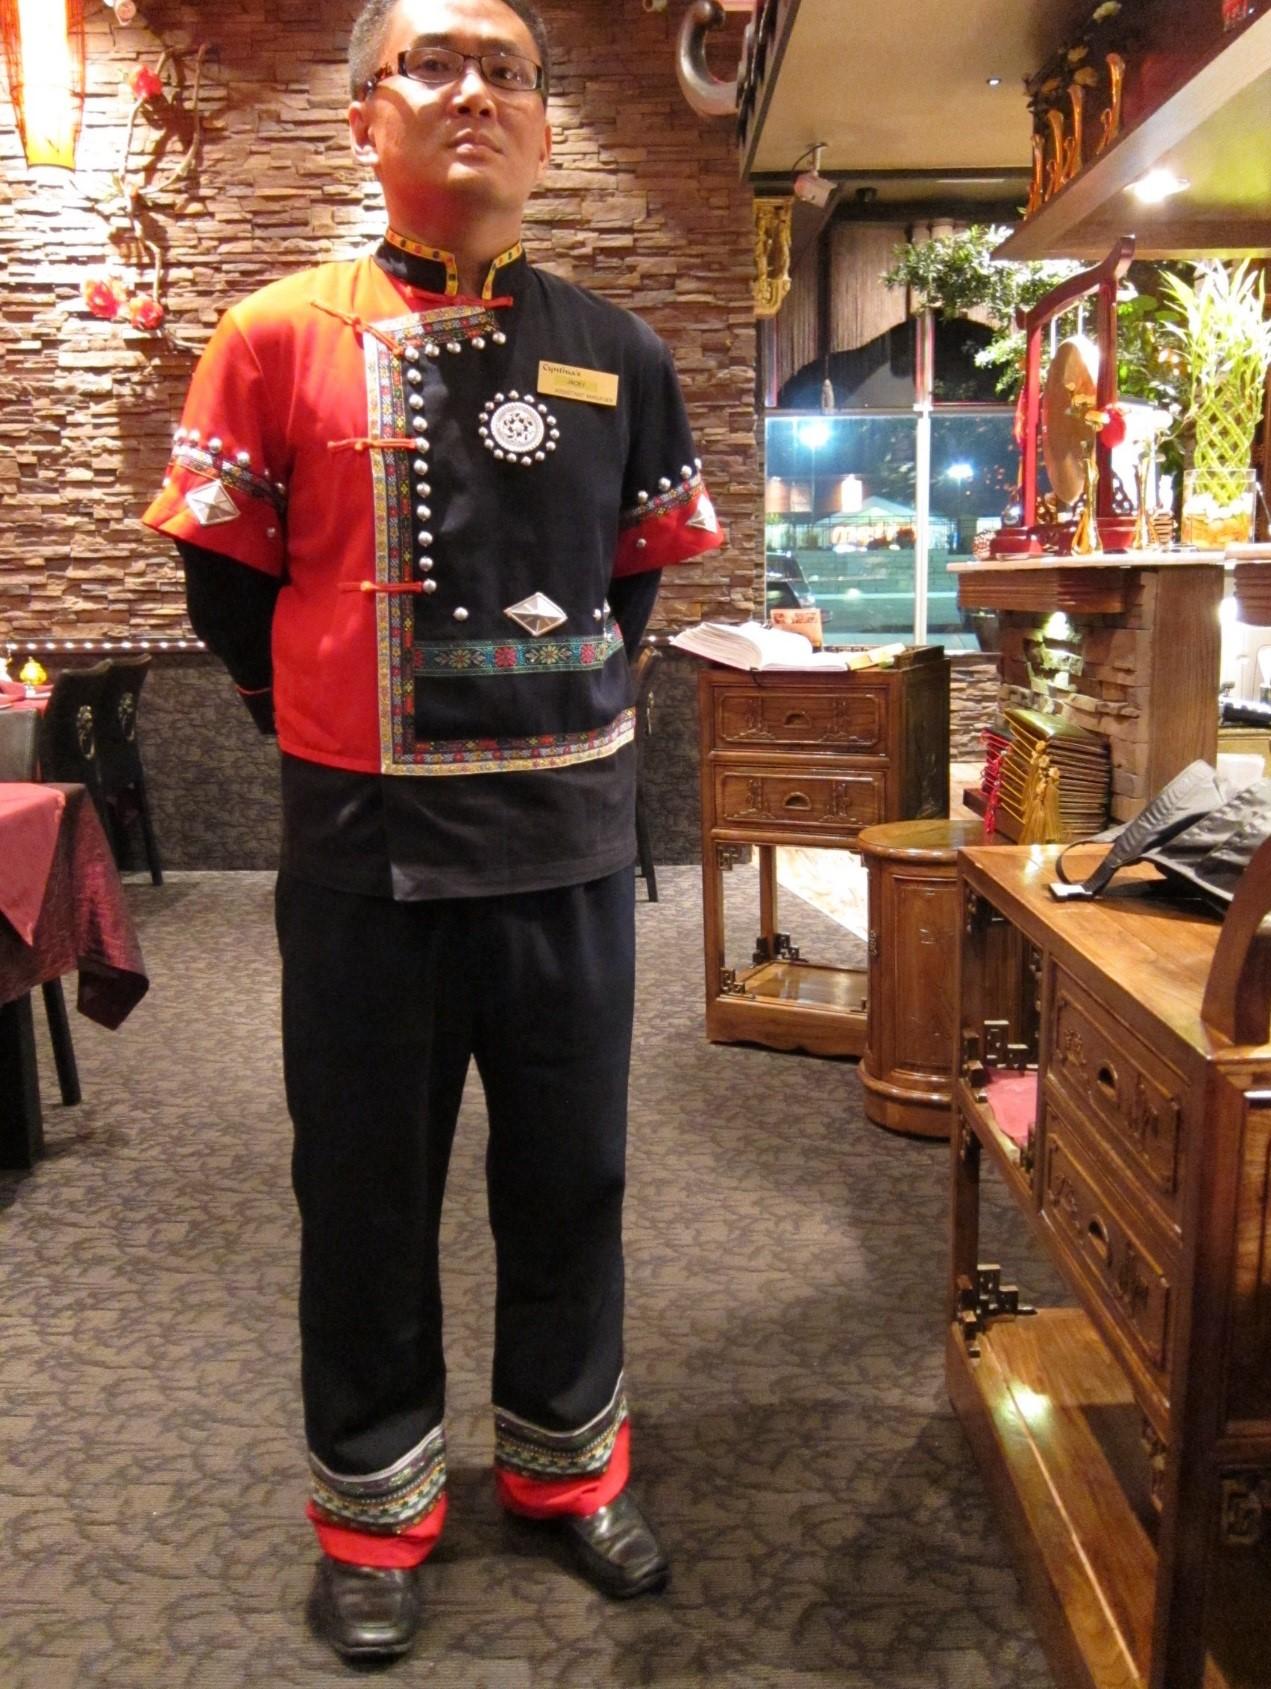 加拿大福禄寿翡翠阁定制少数民族风格职业工作服装